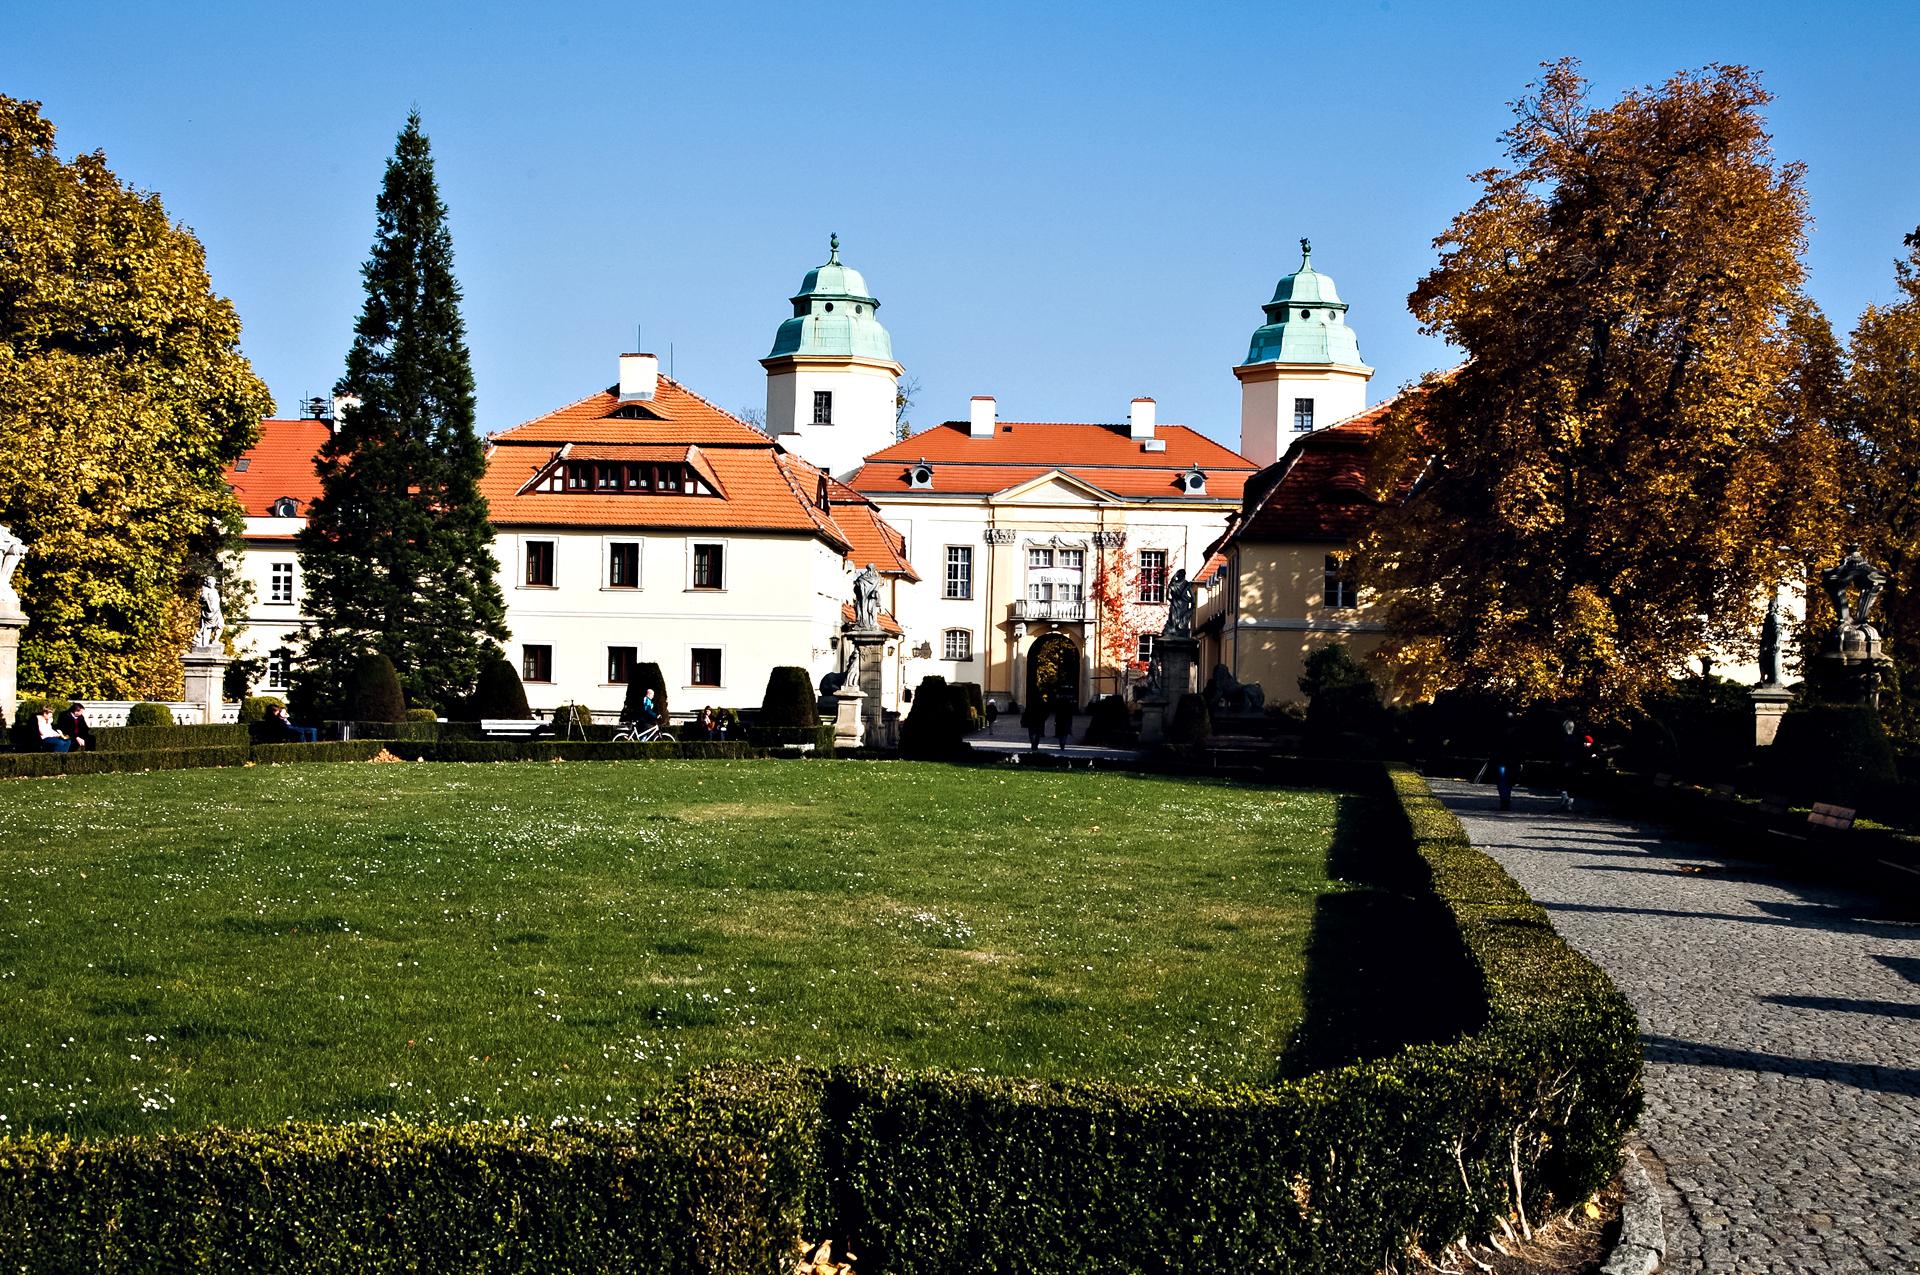 fotograf wałbrzych 3 Plener Oli & Olafa w Zamek Książ